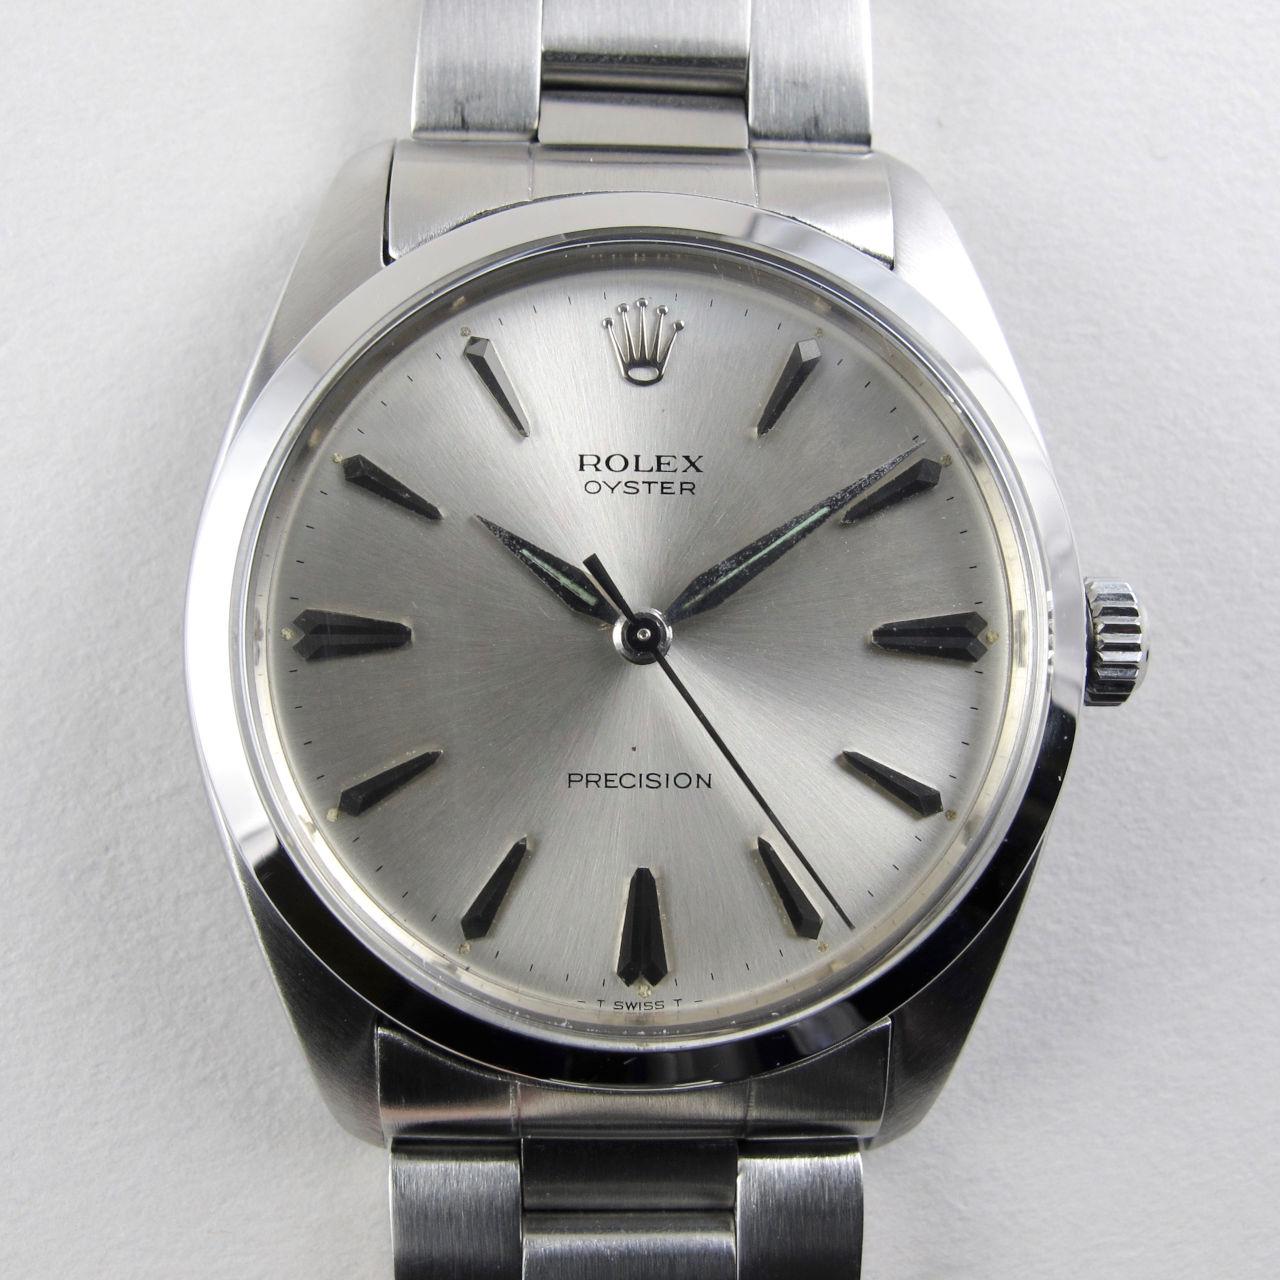 rolex-oyster-precision-ref-6424-steel-vintage-wristwatch-circa-1966-wxrosb-v01